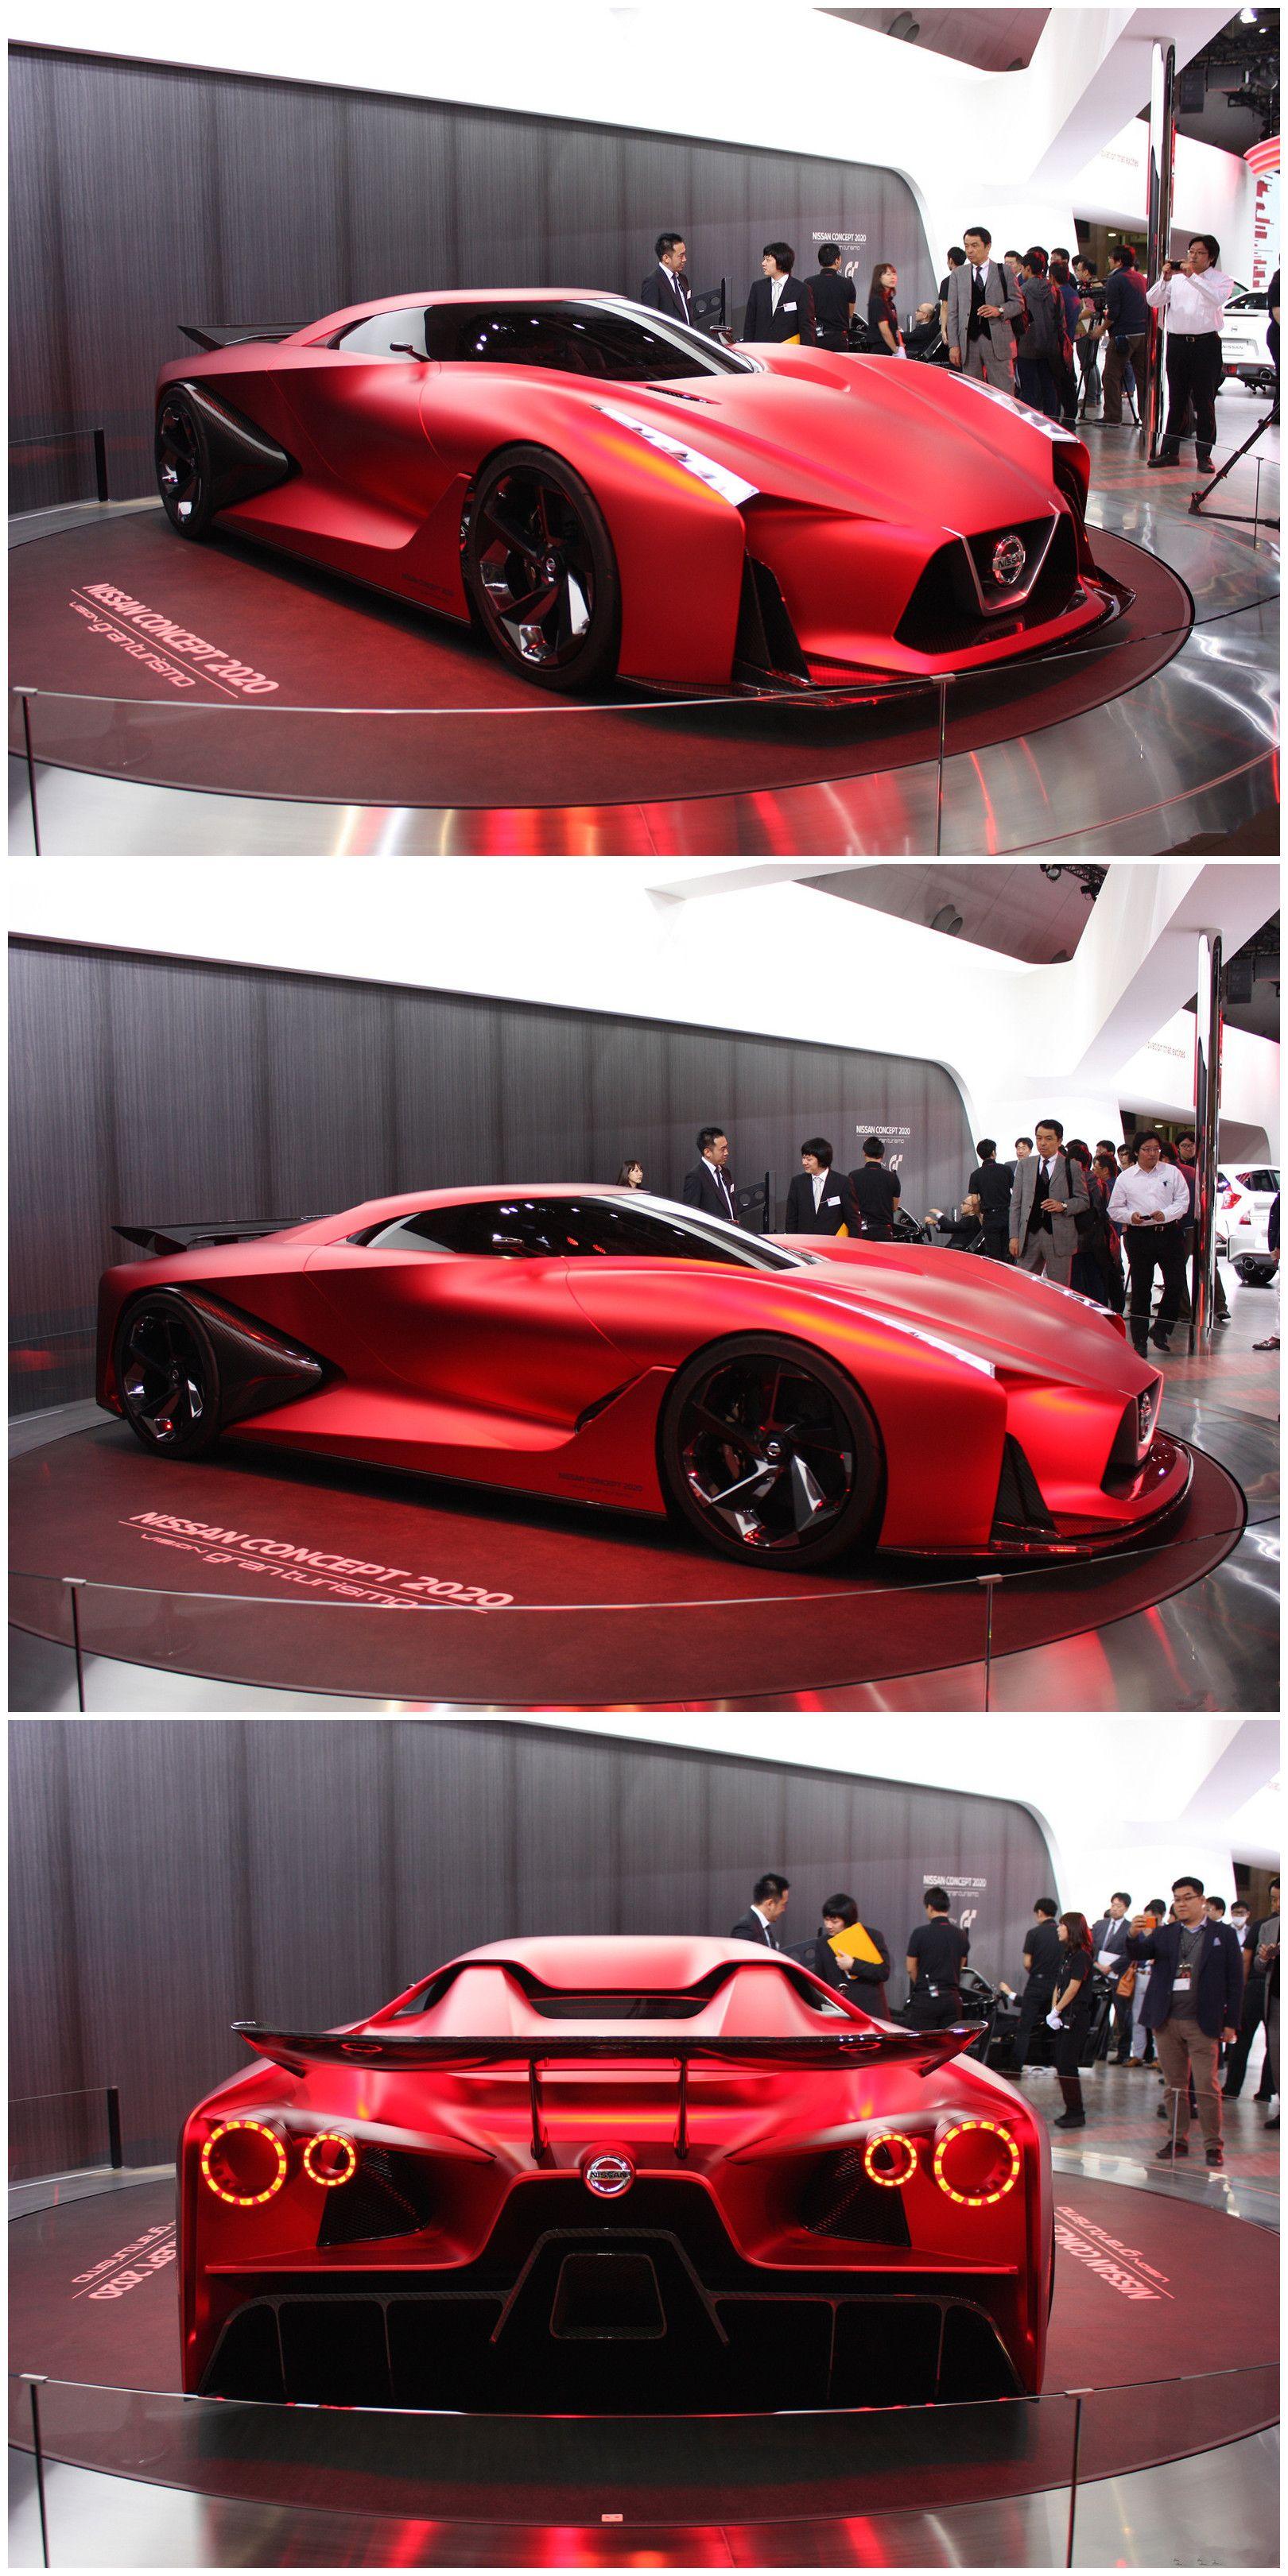 New Nissan GTR Nissan Concept 2020 VGT New nissan gtr